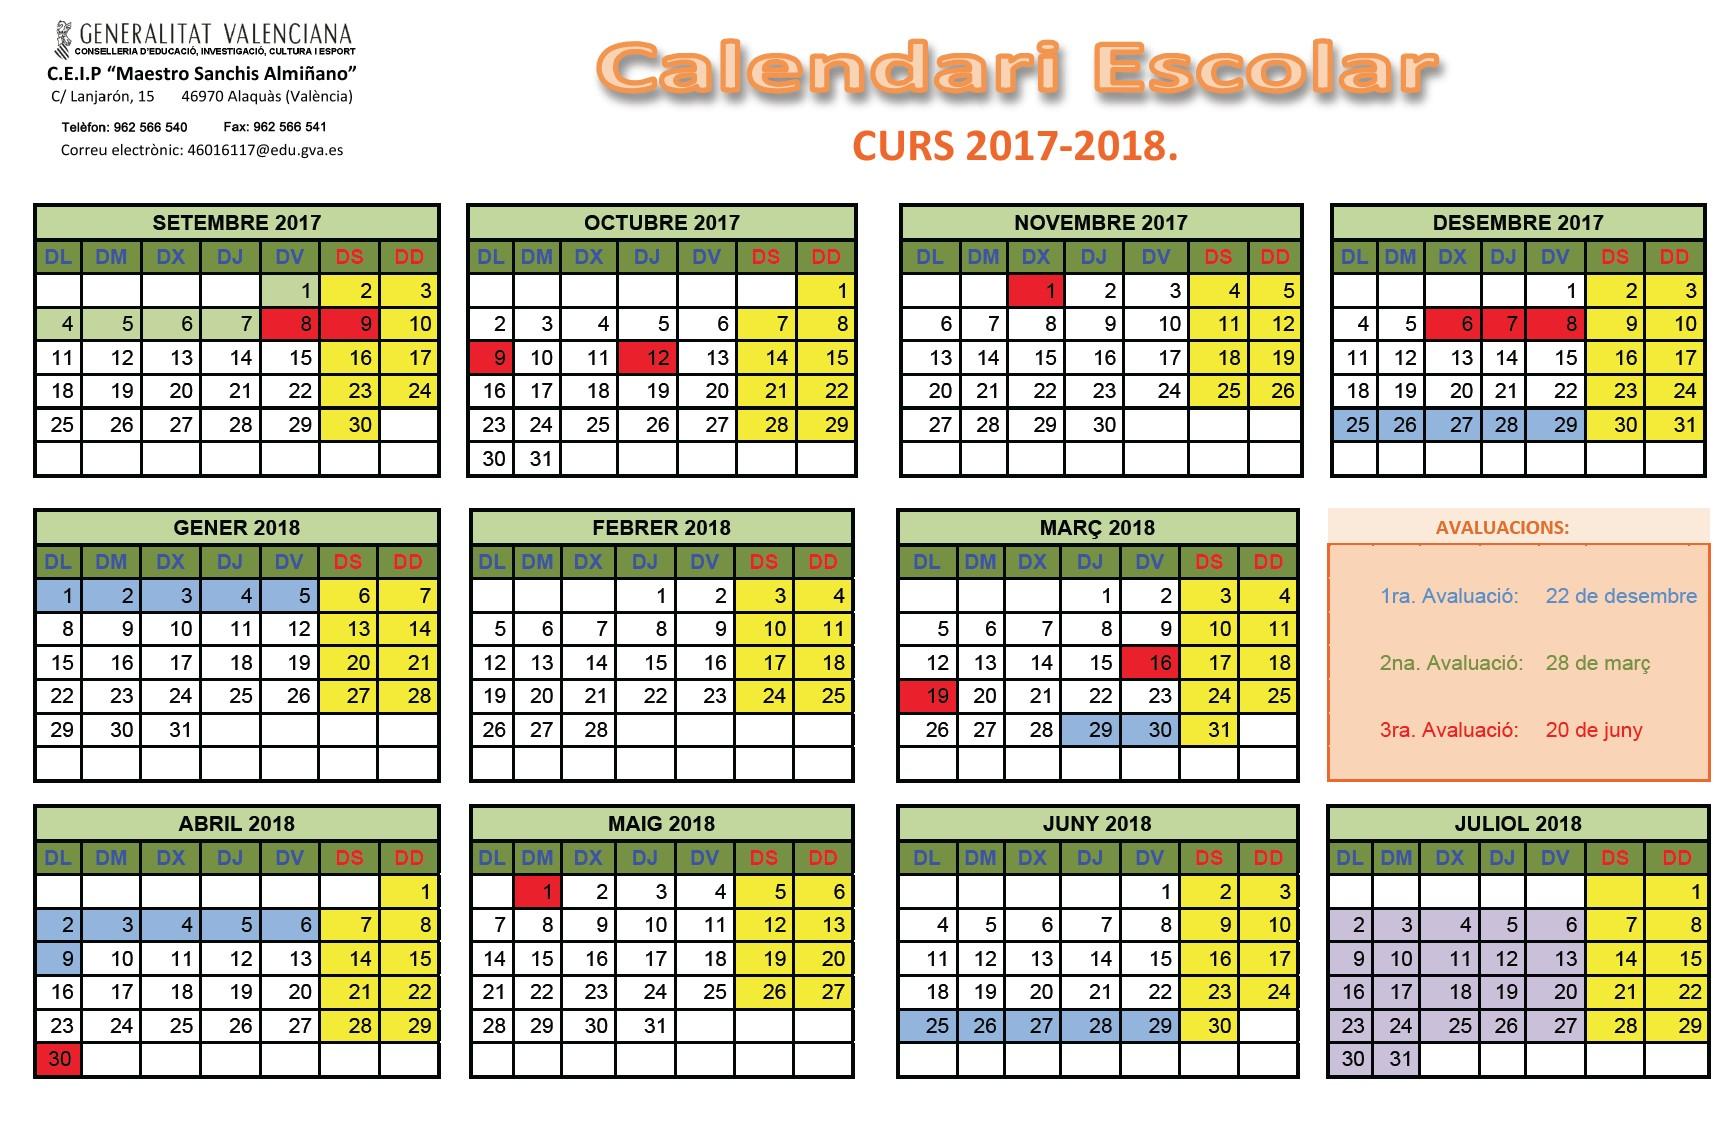 Calendario Utadeo 2019 Más Recientes Page 12 Of Calendario Utadeo 2019 Mejores Y Más Novedosos Portal Do issm